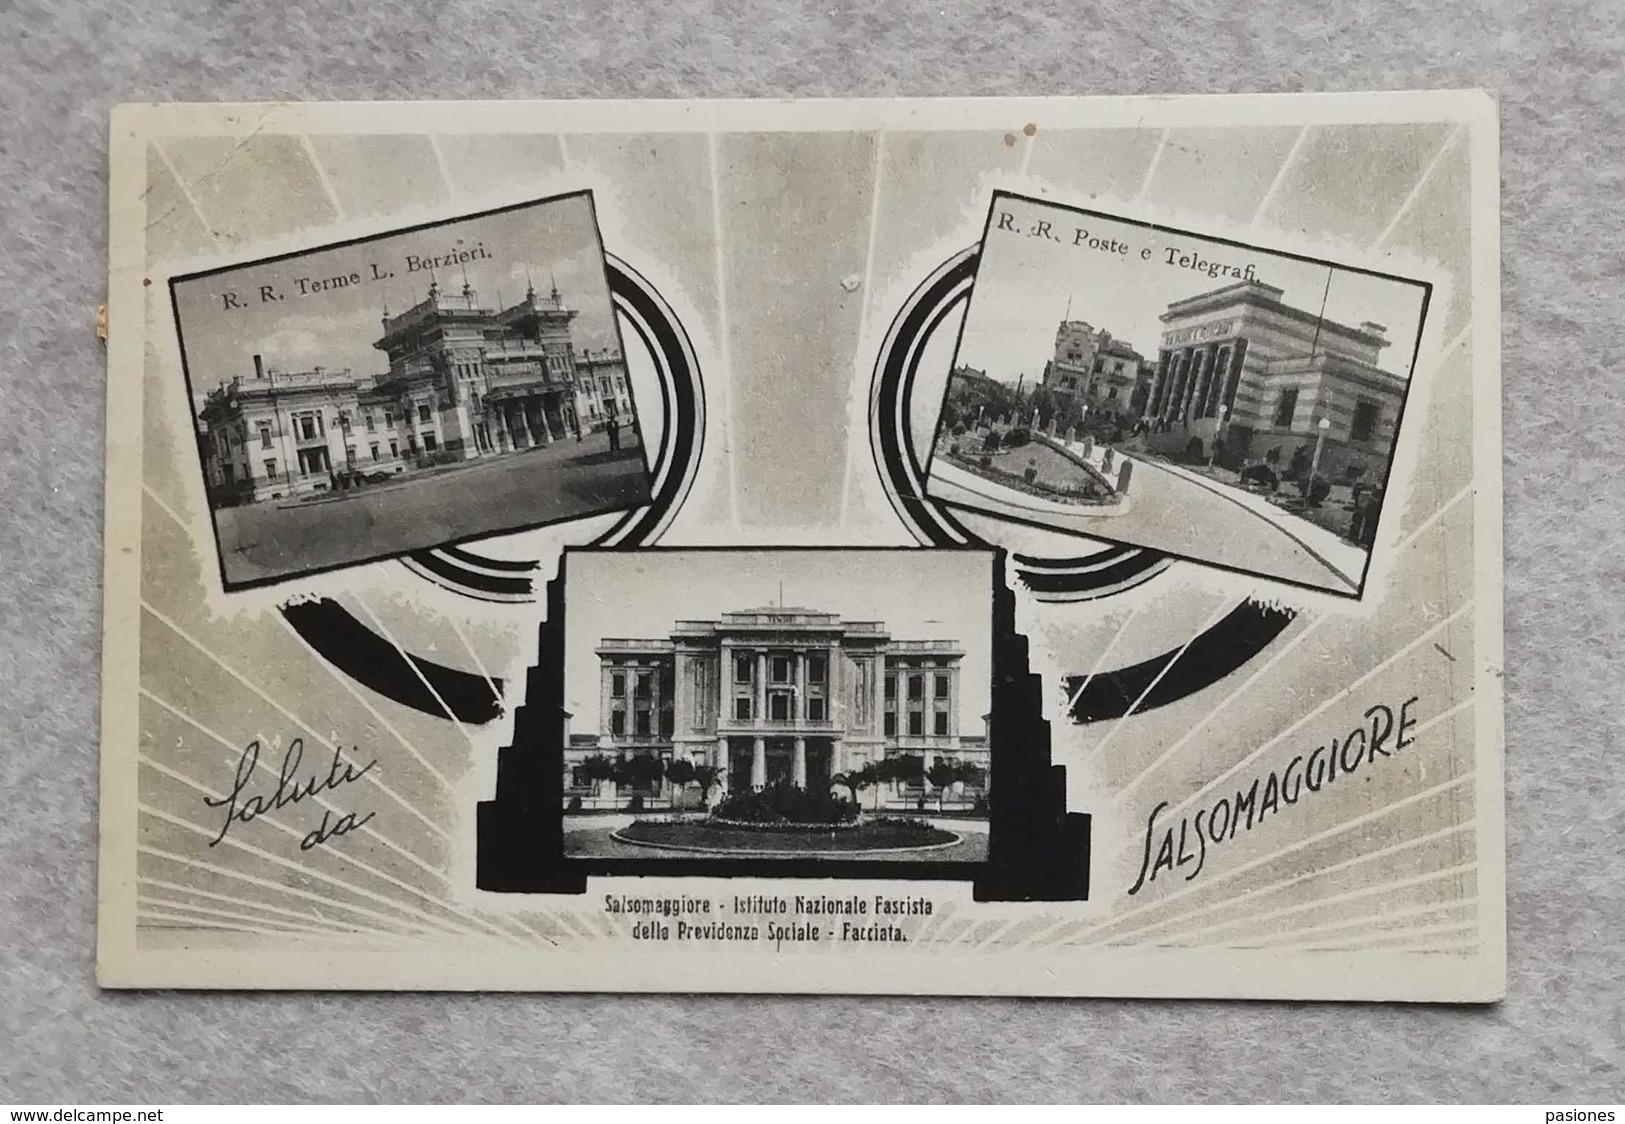 Cartolina Illustrata Saluti Da Salsomaggiore, Per Bologna 1949 - Gruss Aus.../ Gruesse Aus...